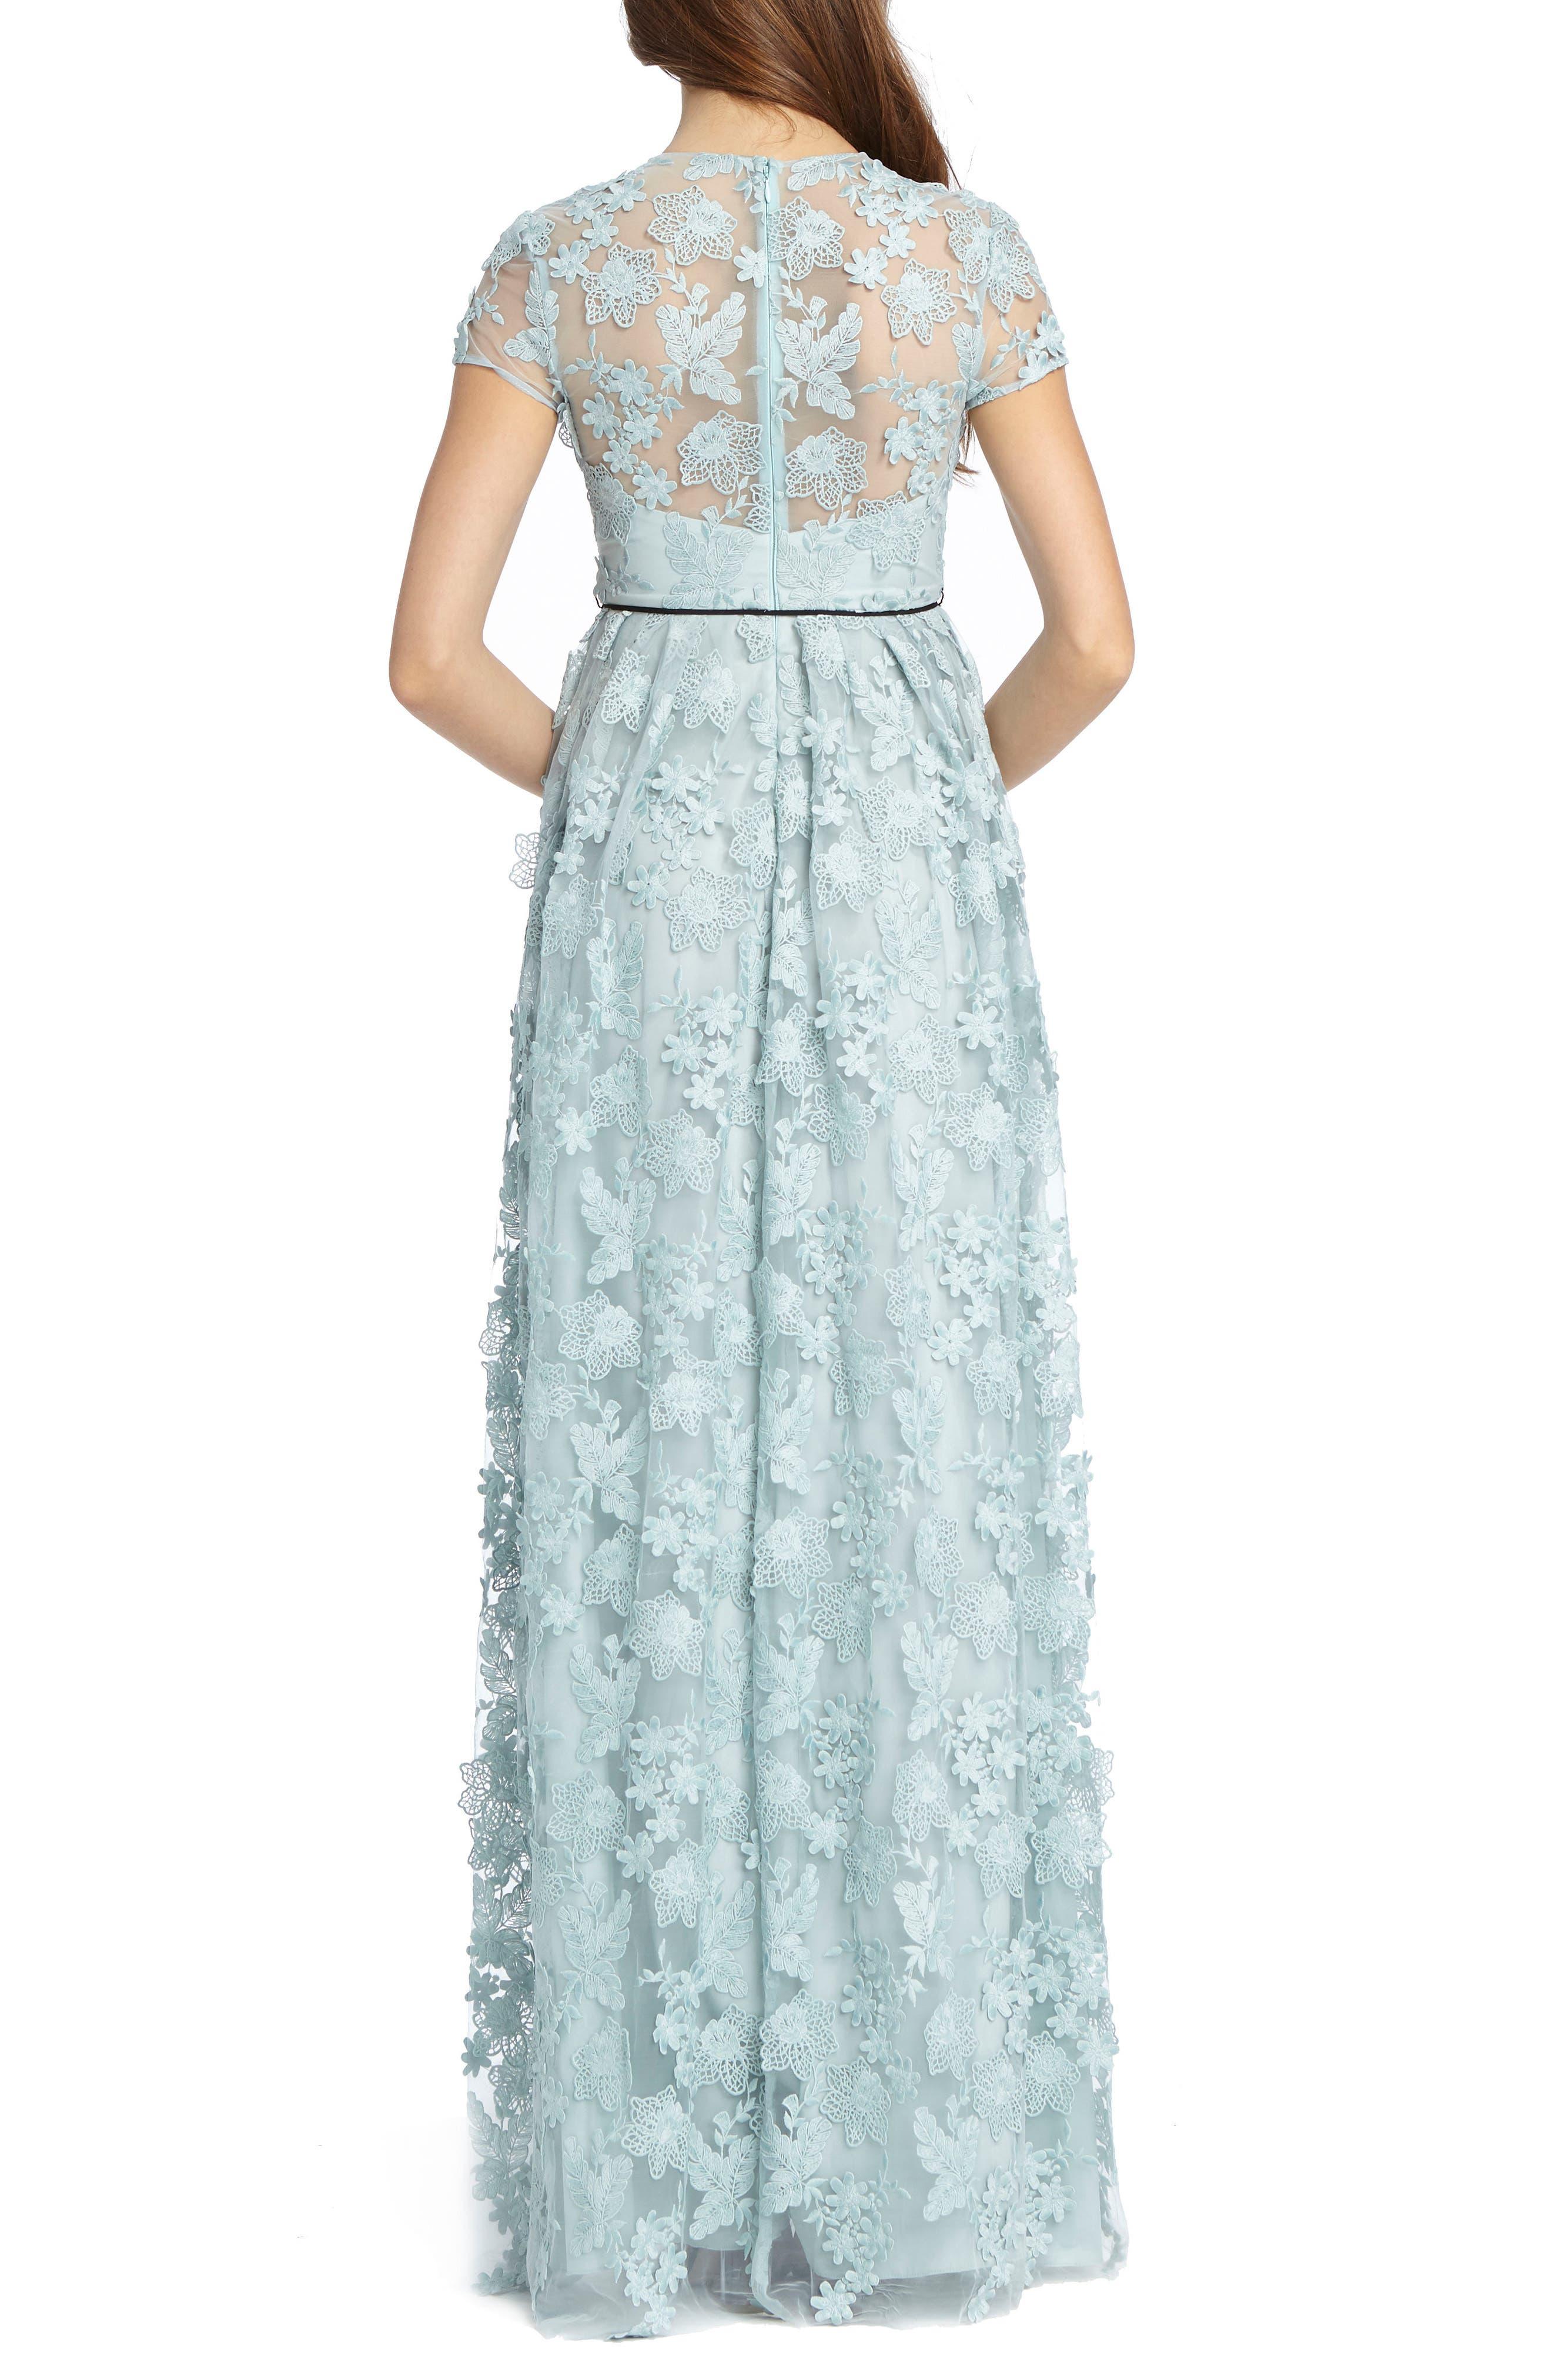 3D Floral Appliqué Gown,                             Alternate thumbnail 2, color,                             Sky